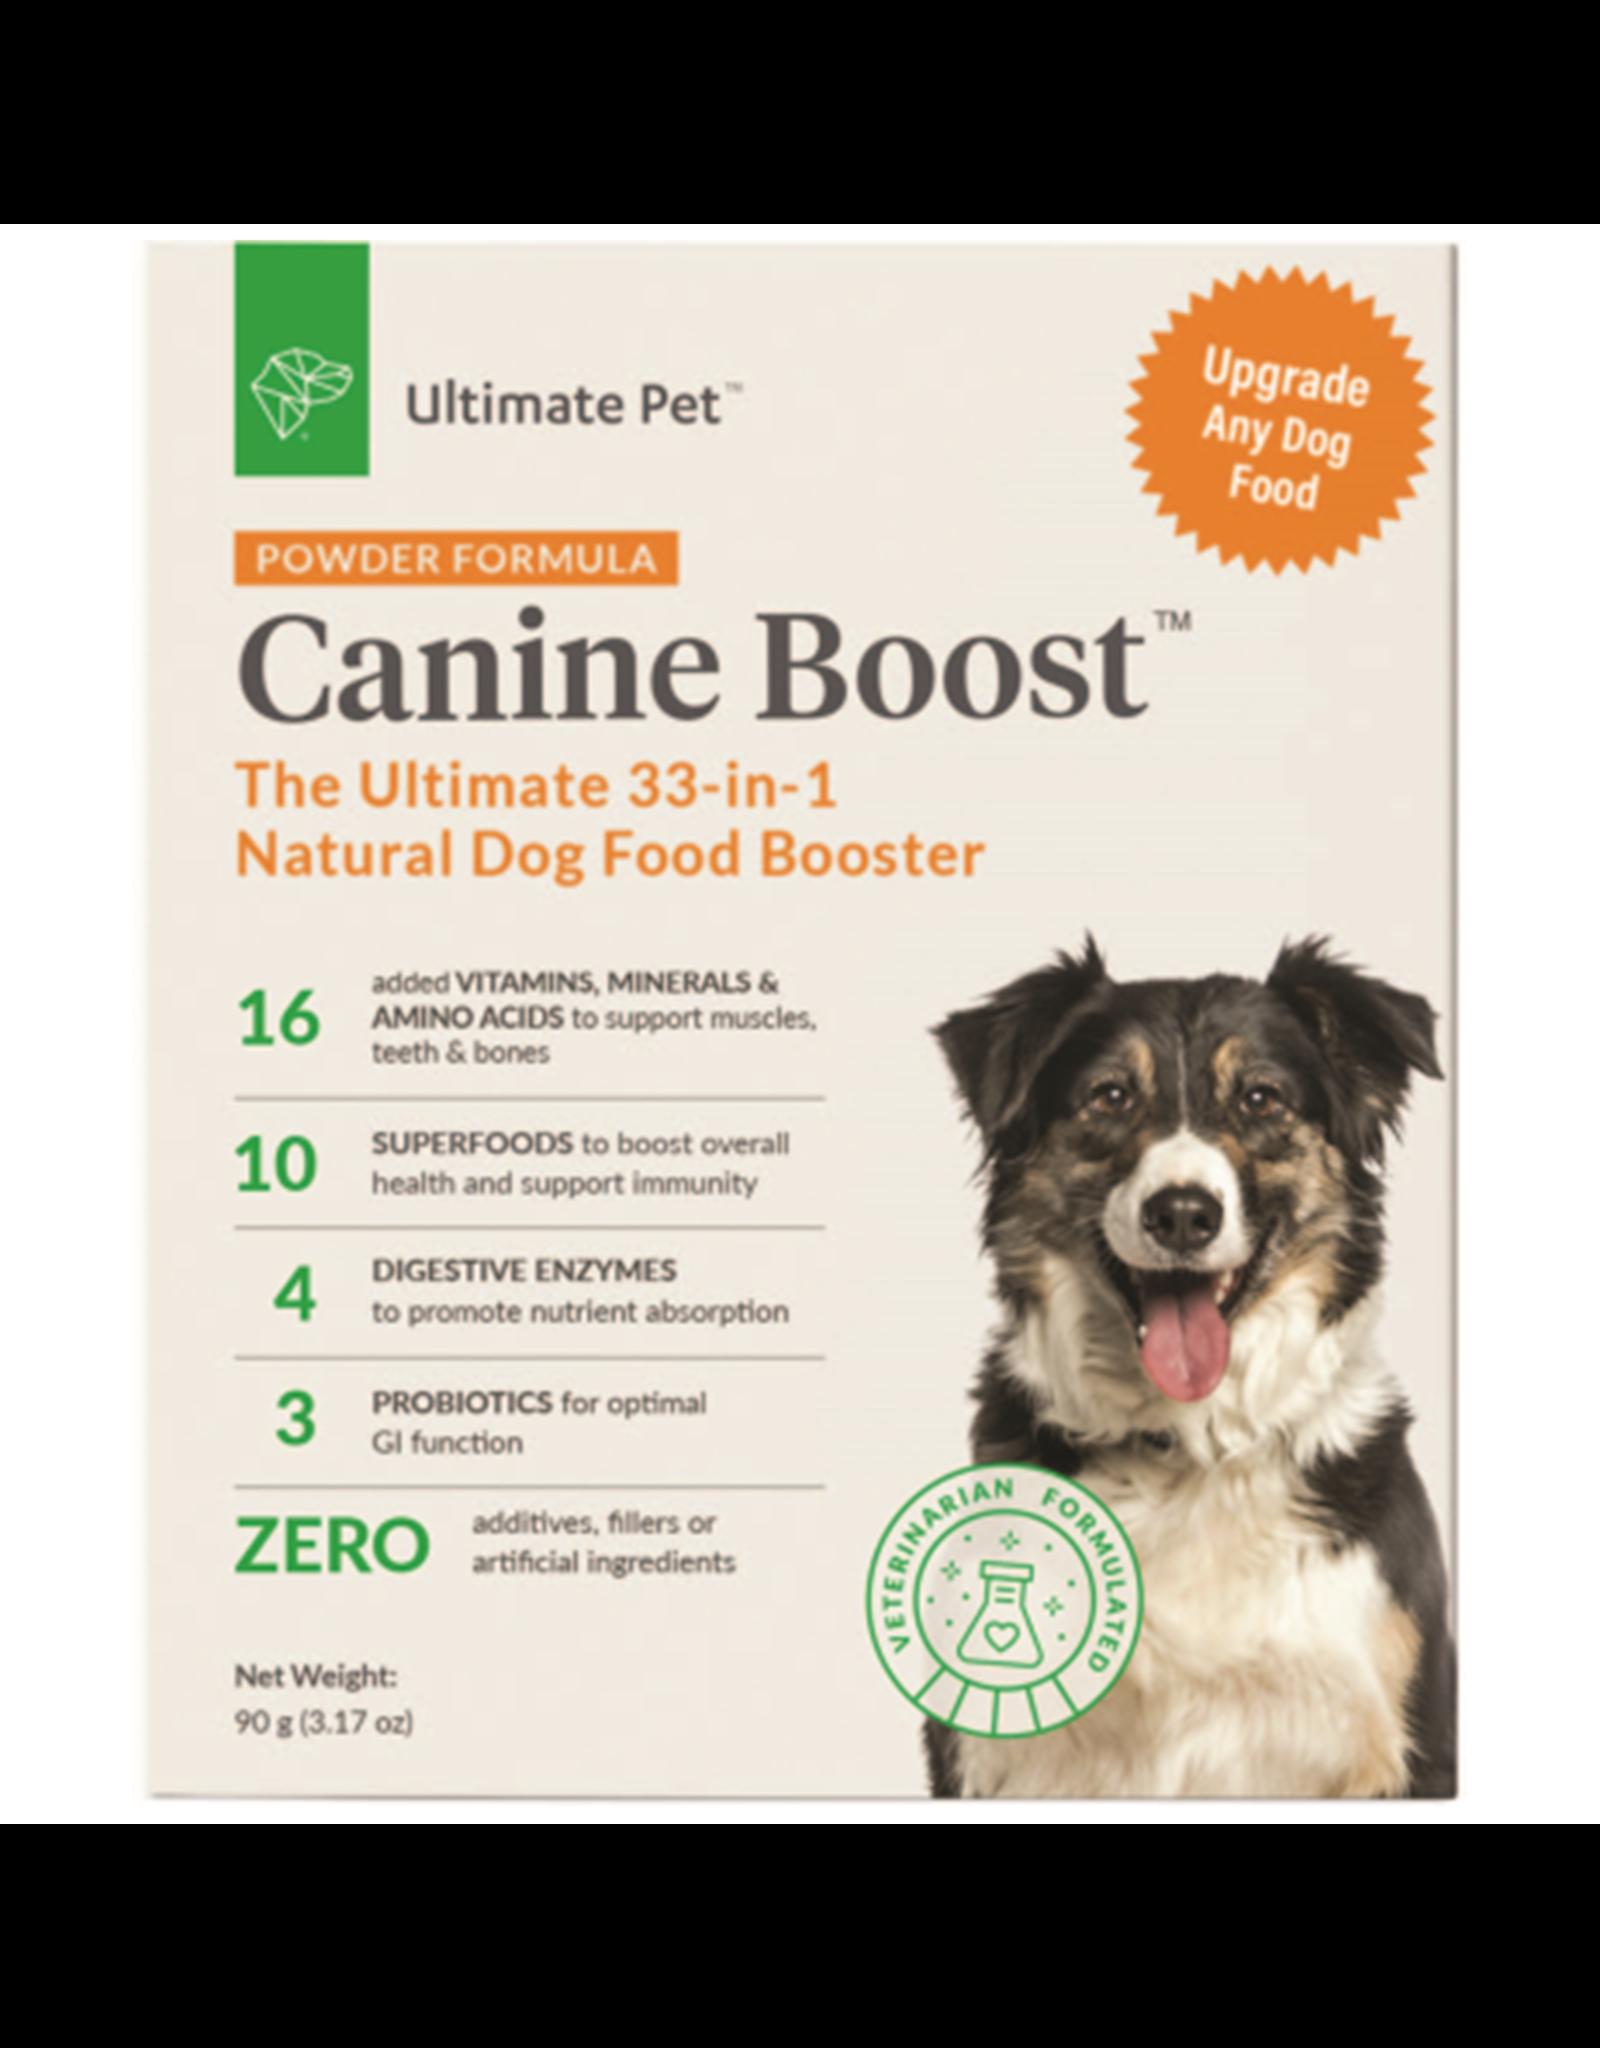 Ultimate Pet Nutrition Ultimate Pet Nutrition Canine Boost Powder 3.17oz